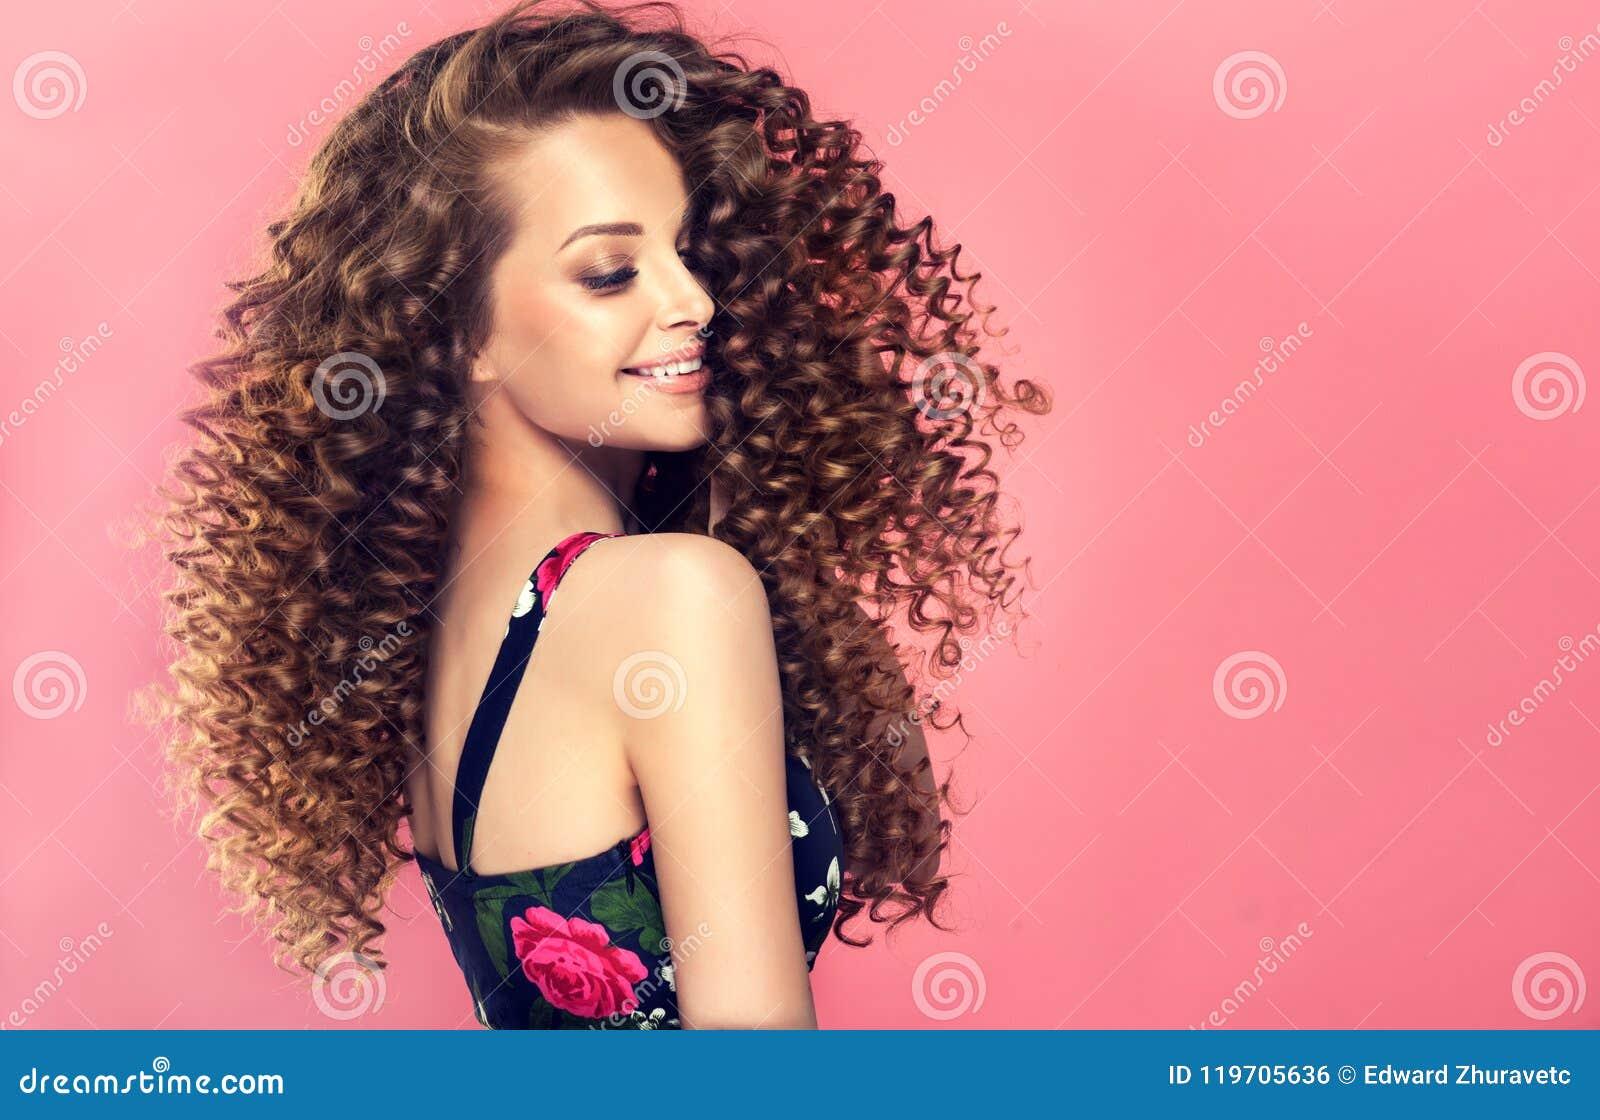 Jonge, bruine haired vrouw met dichte, elastische krullen in een kapsel Portret in profiel